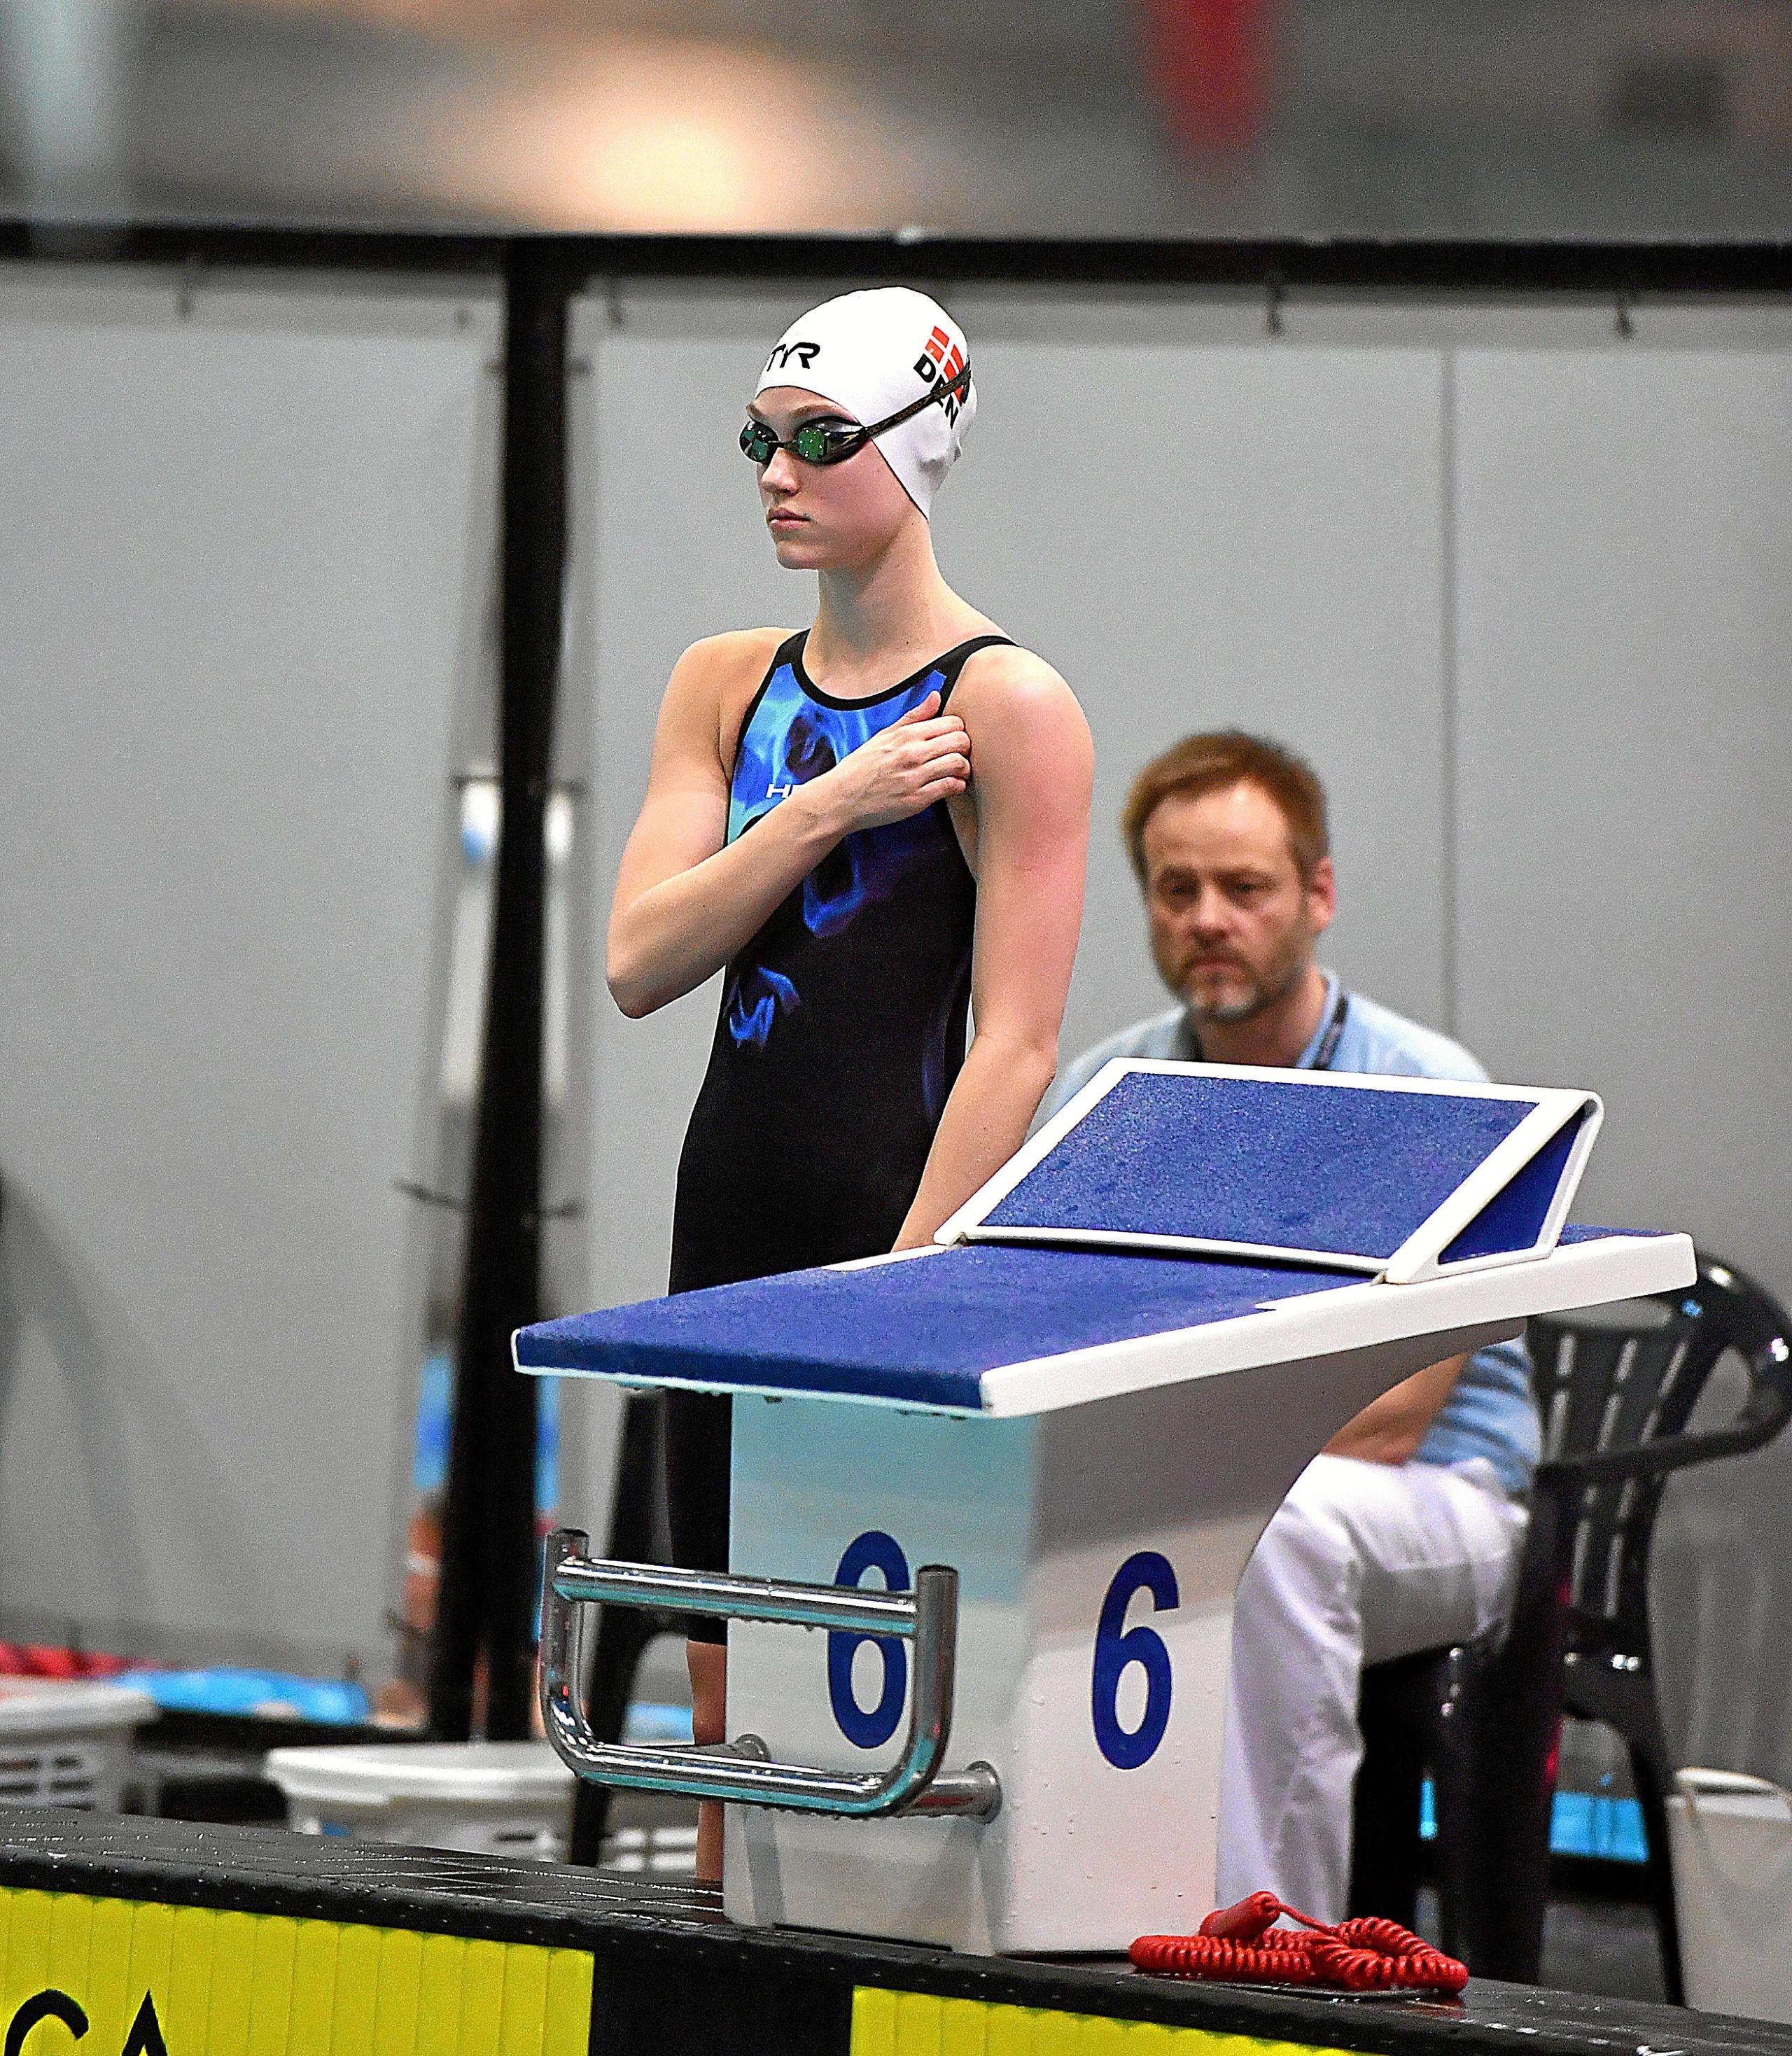 17-årige Camilla Aagaard repræsenterer også Svømmeklubben NORD fra Nørresundby, og EM er hendes internationale debut. Foto: Jyskpressefoto.dk